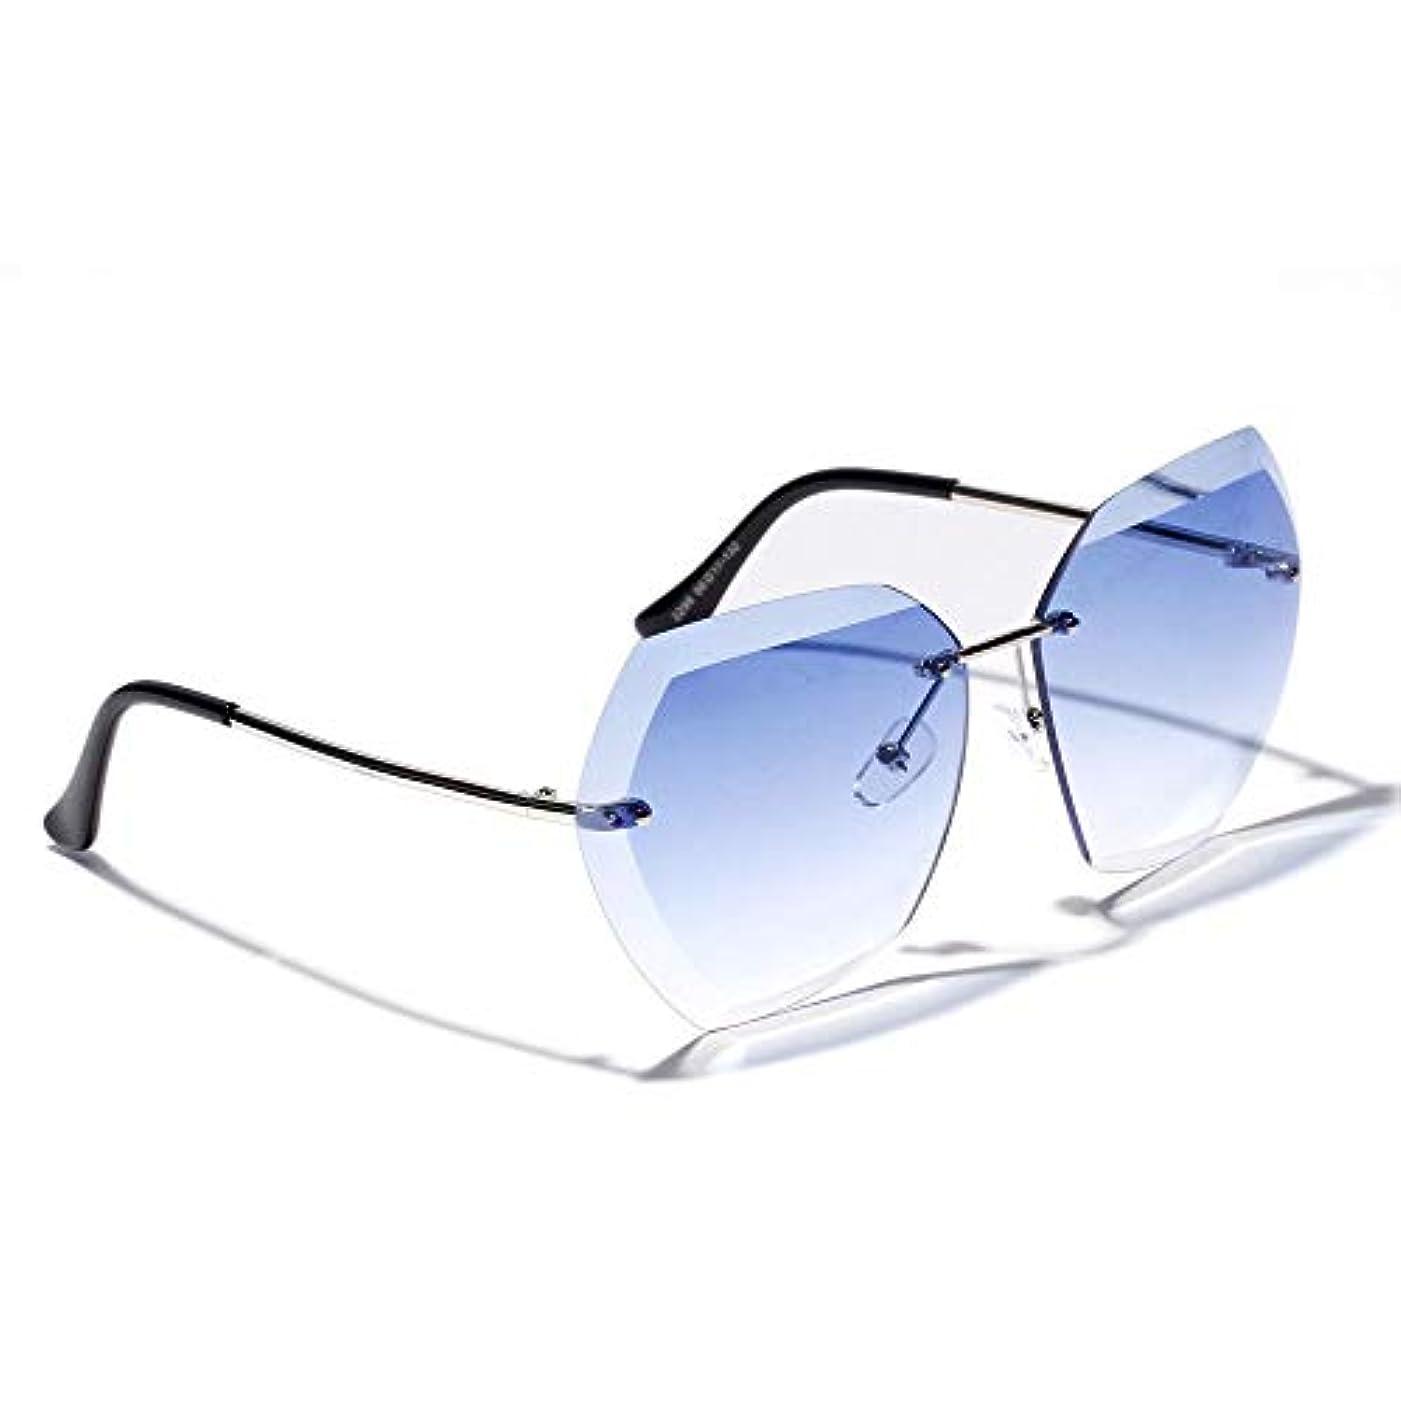 聖職者ピケ制約Annis6 フレームレス サングラス UV400 レンズ ユニセックス 用 輻射防止 (色 : 青)